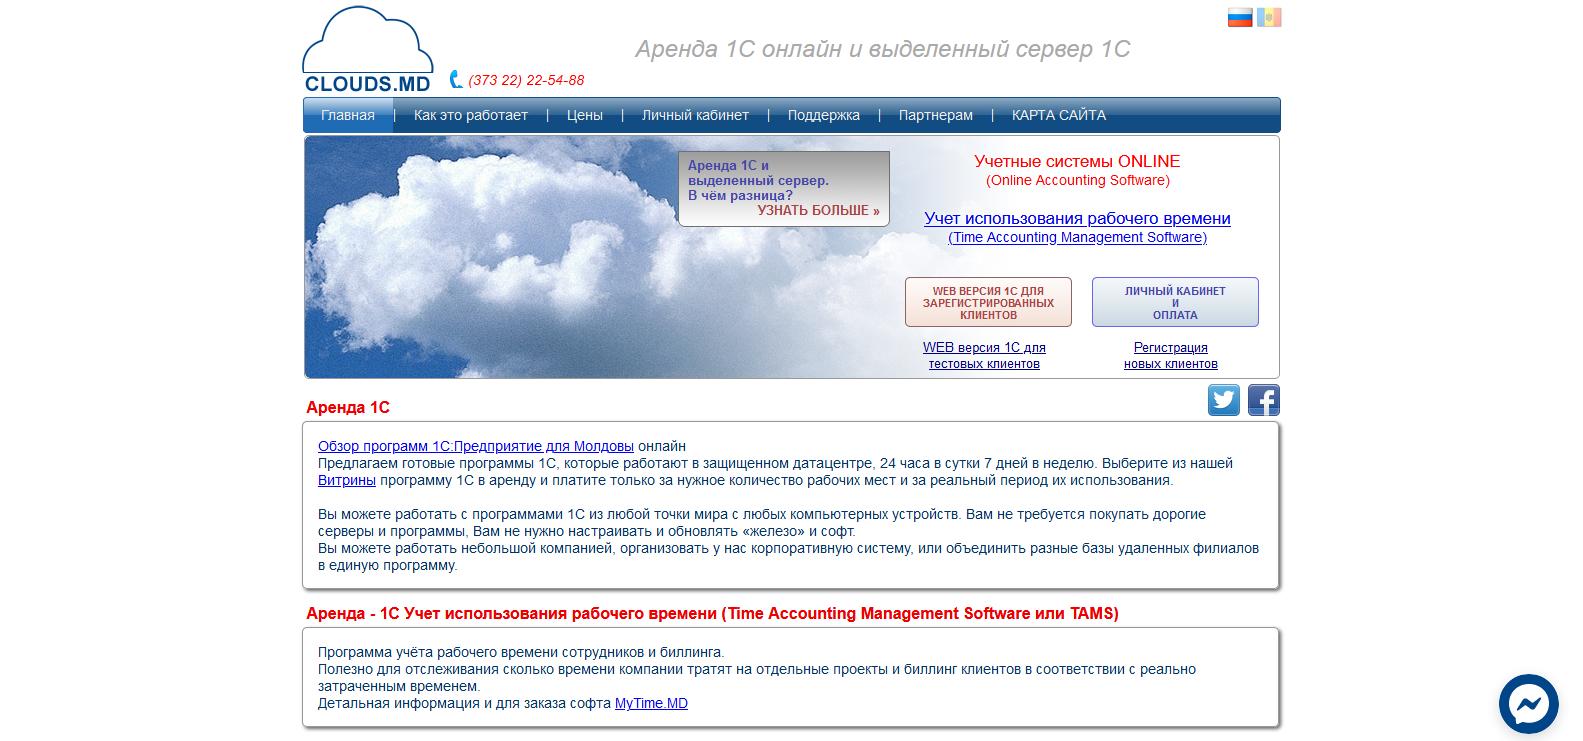 Clouds.md - Portofoliul nostru | Diginet.md